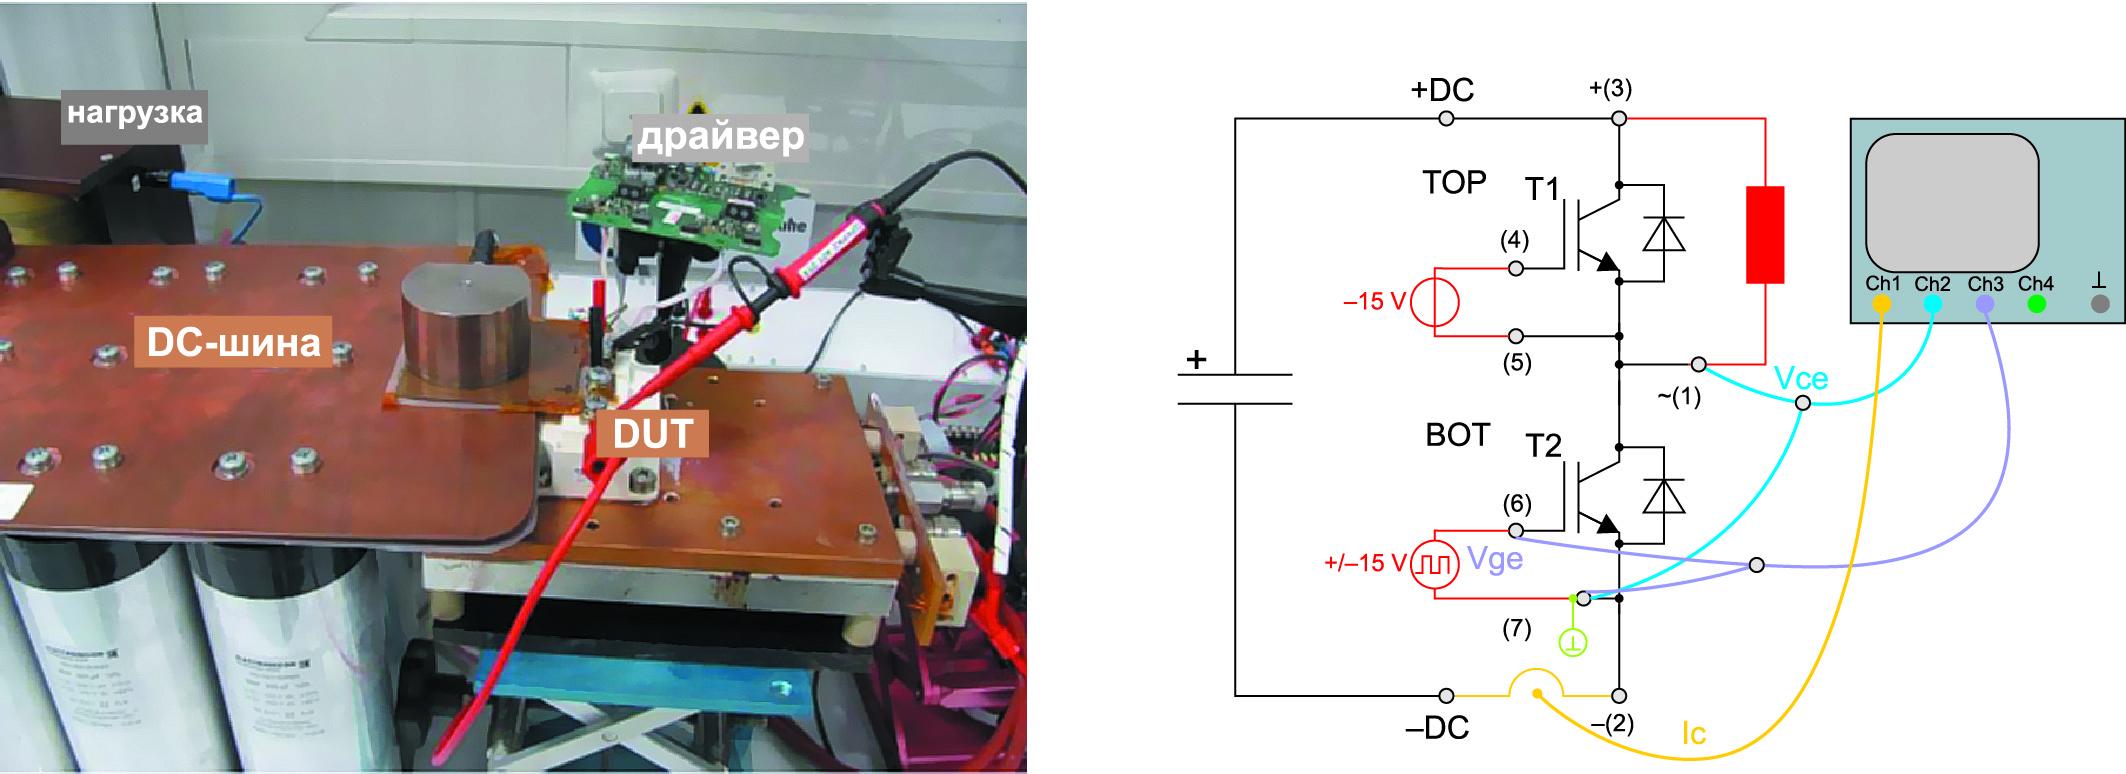 Стенд для испытаний динамических характеристик IGBT, схема измерений параметров ключей BOT IGBT/TOP FWD